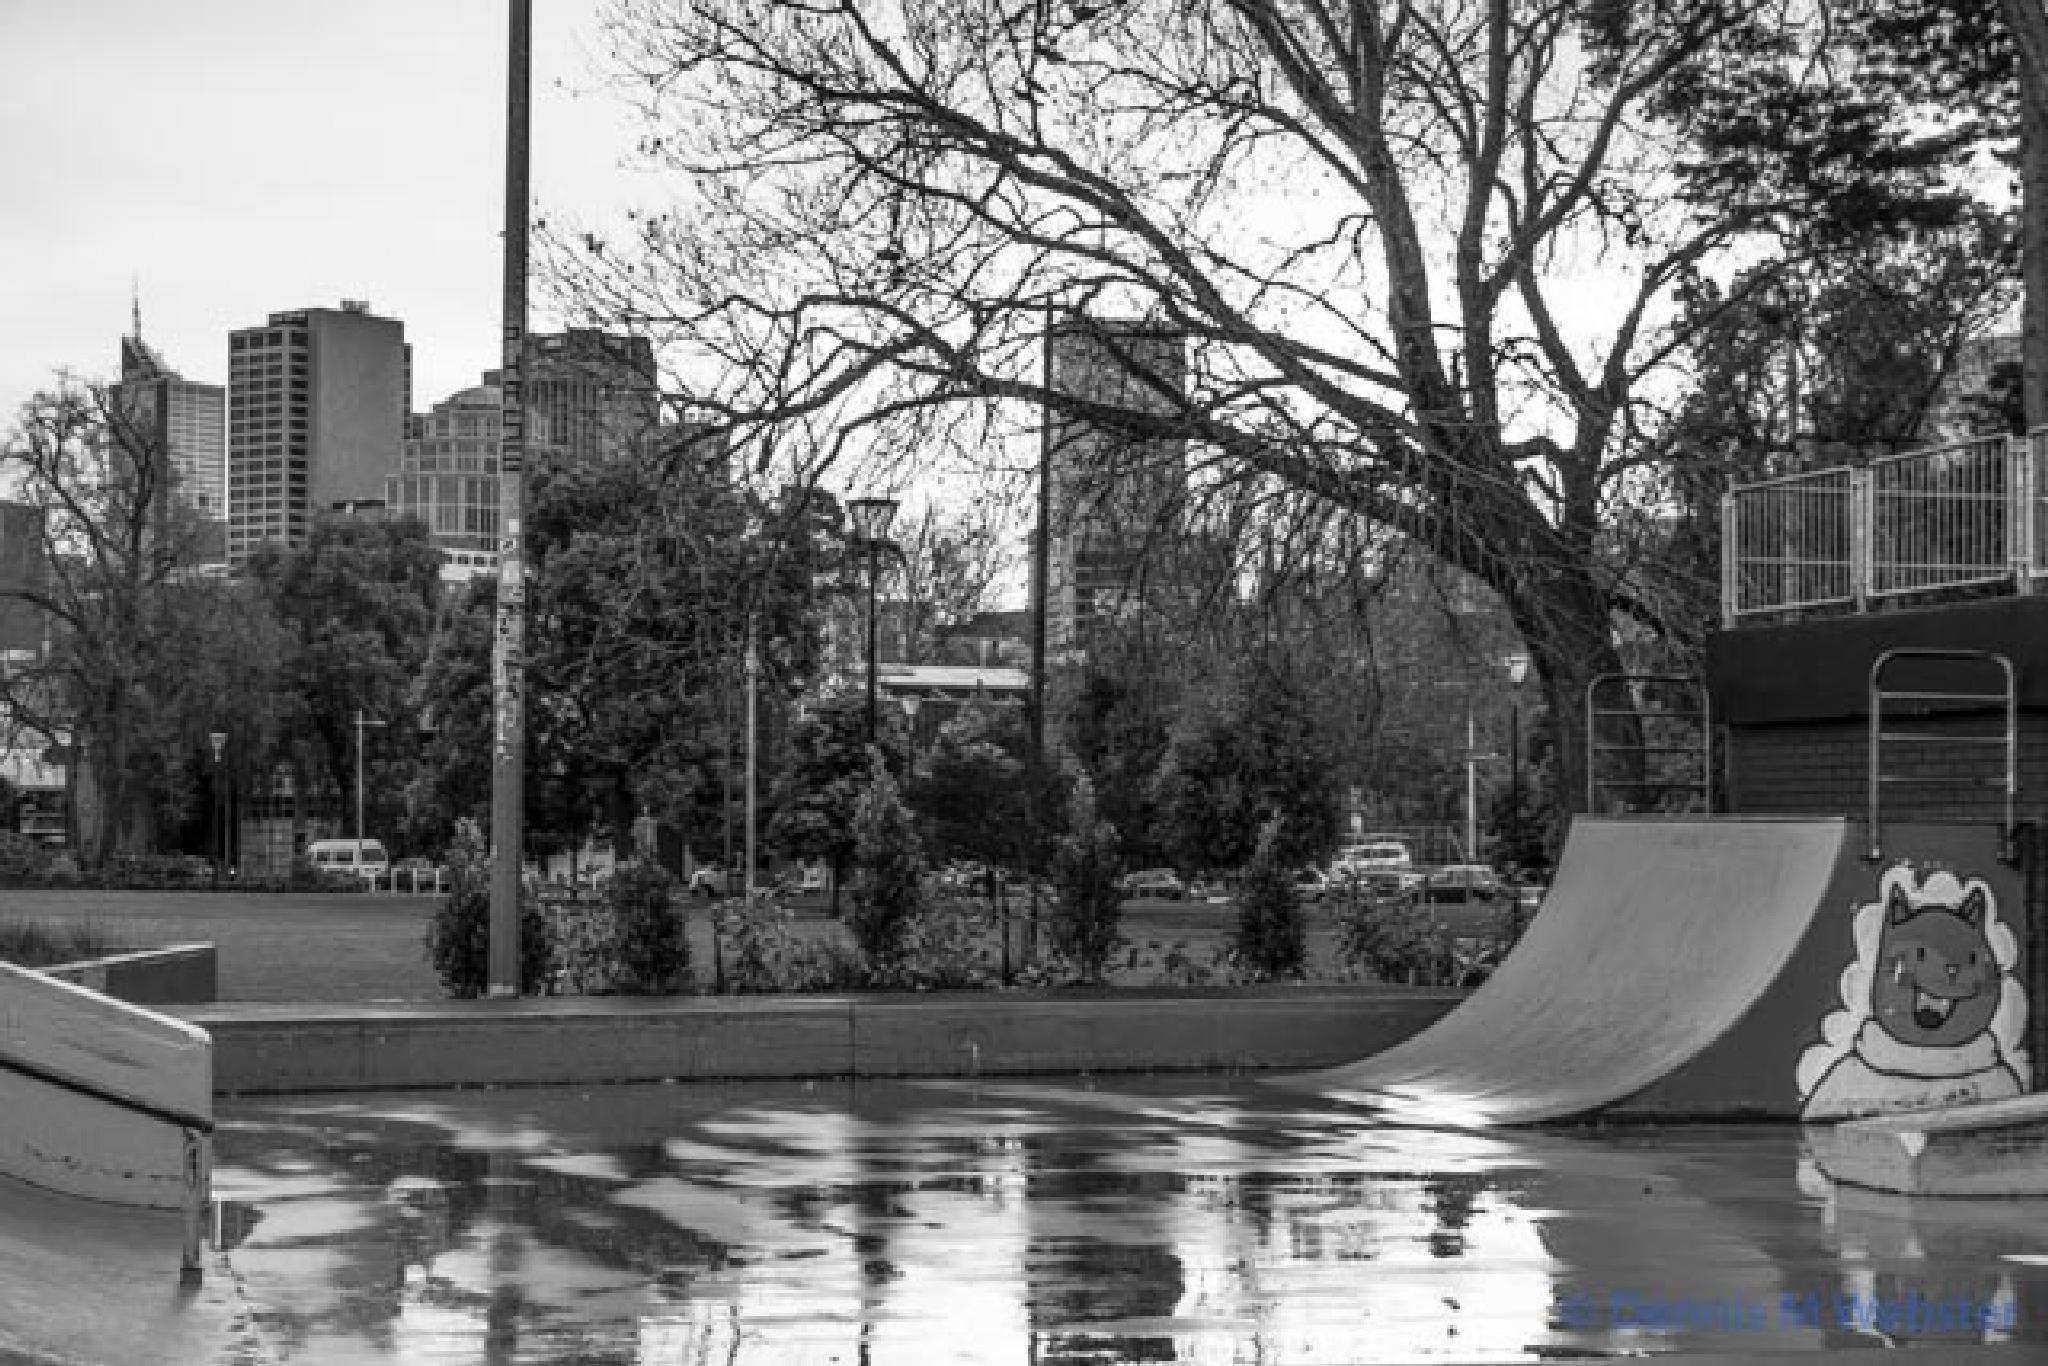 wet skate park by tastigr